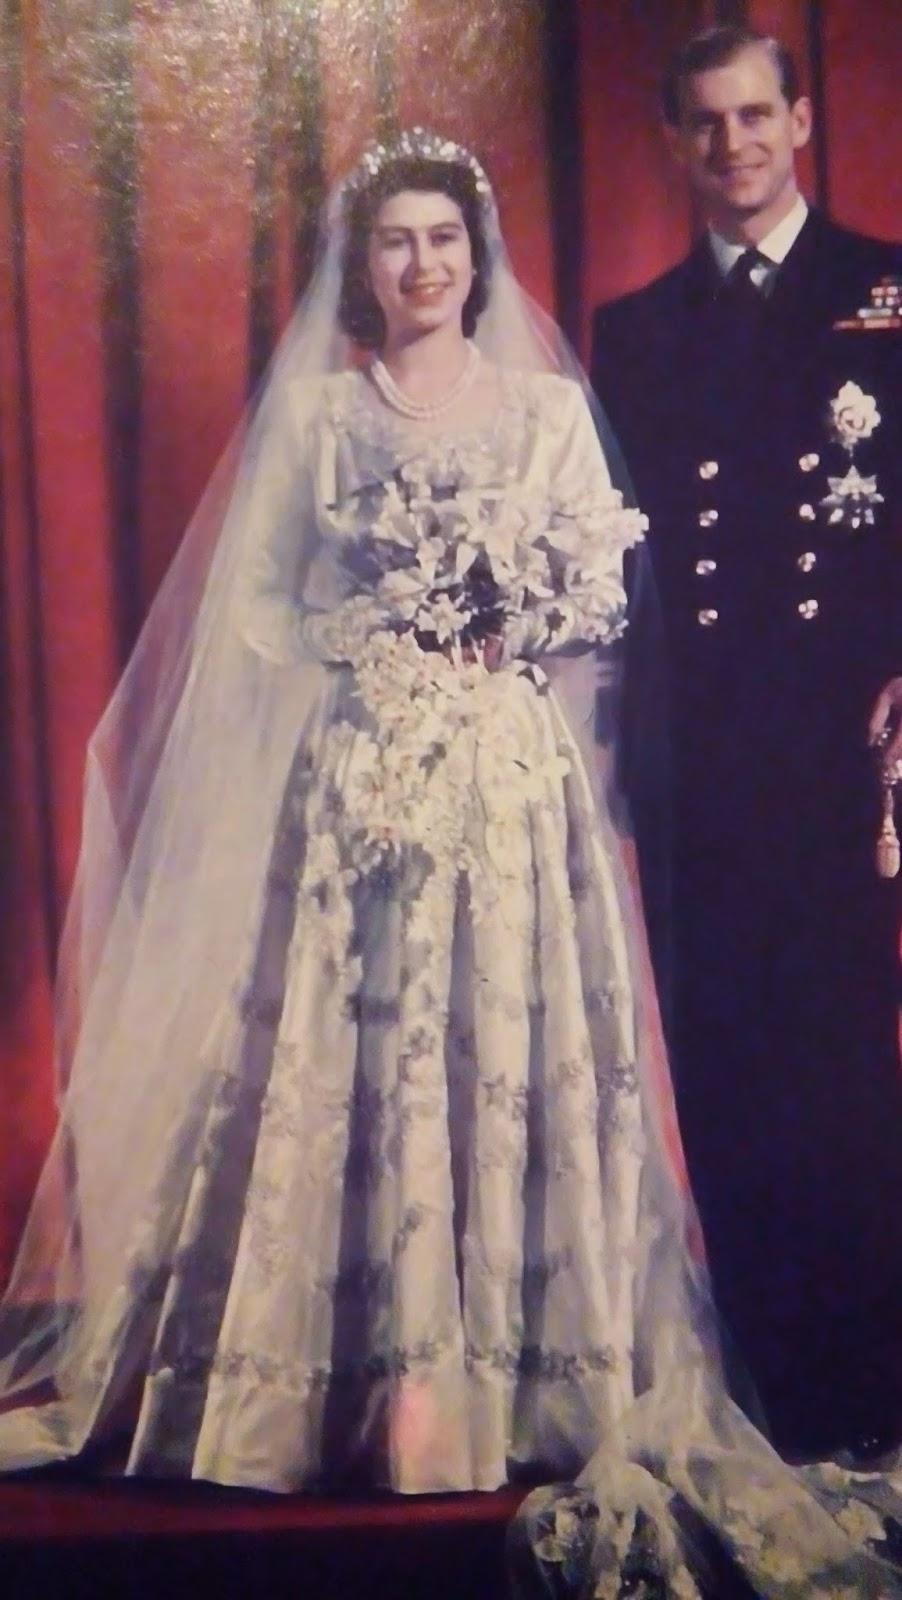 Königliche Juwelen: Elisabeth und Philip Mountbatten